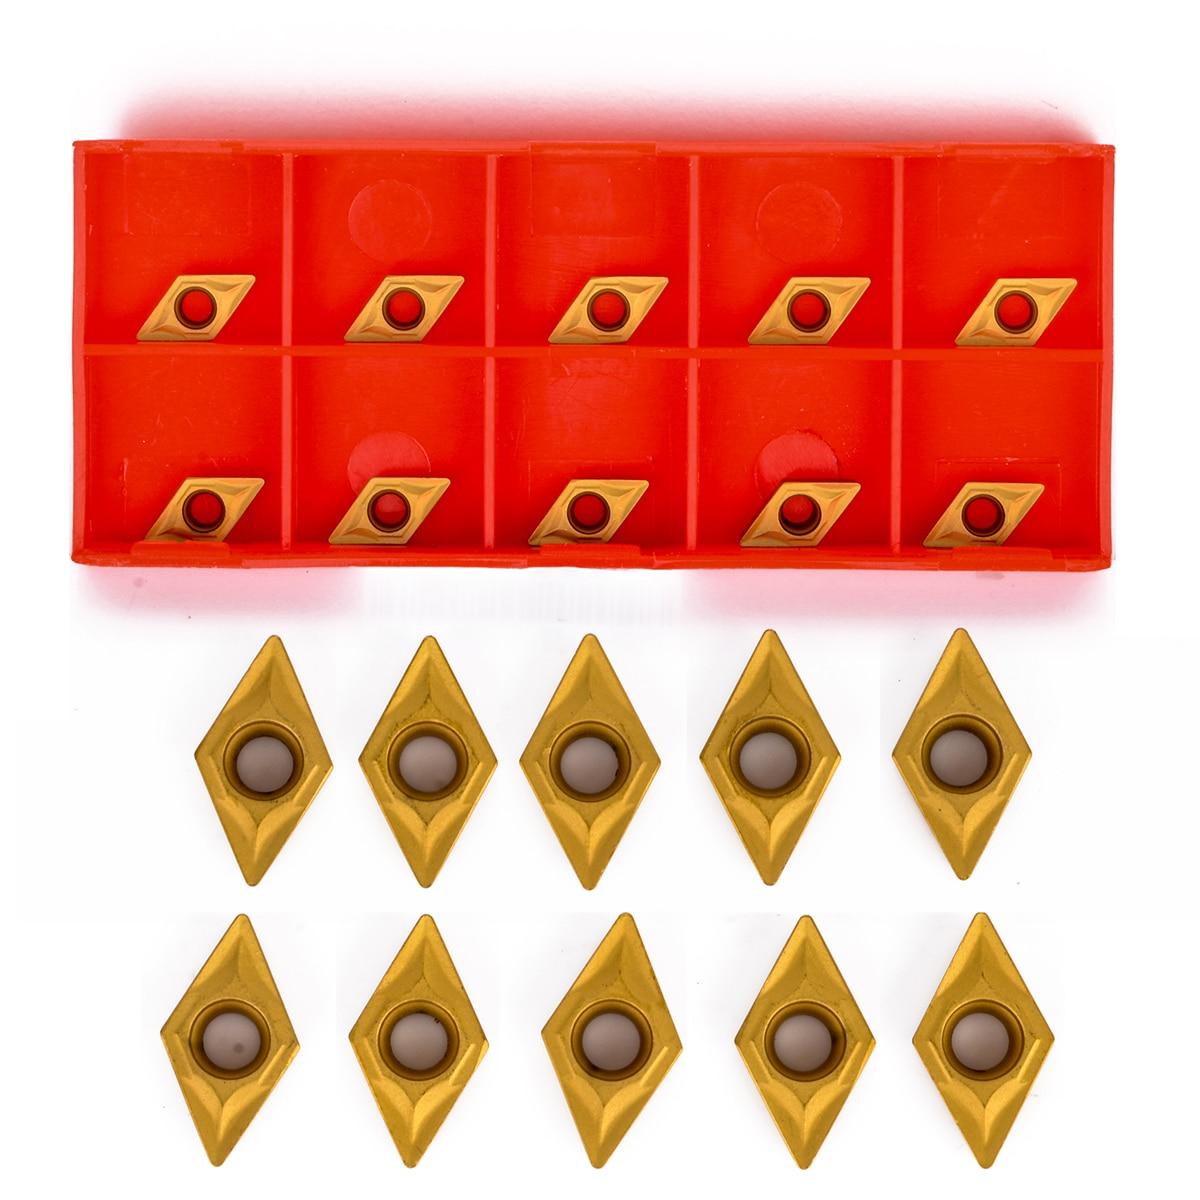 10 шт. DCMT070204 YBC251 карбидные вставки высокоточная токарная вставка для токарного станка токарный инструмент Расточная планка